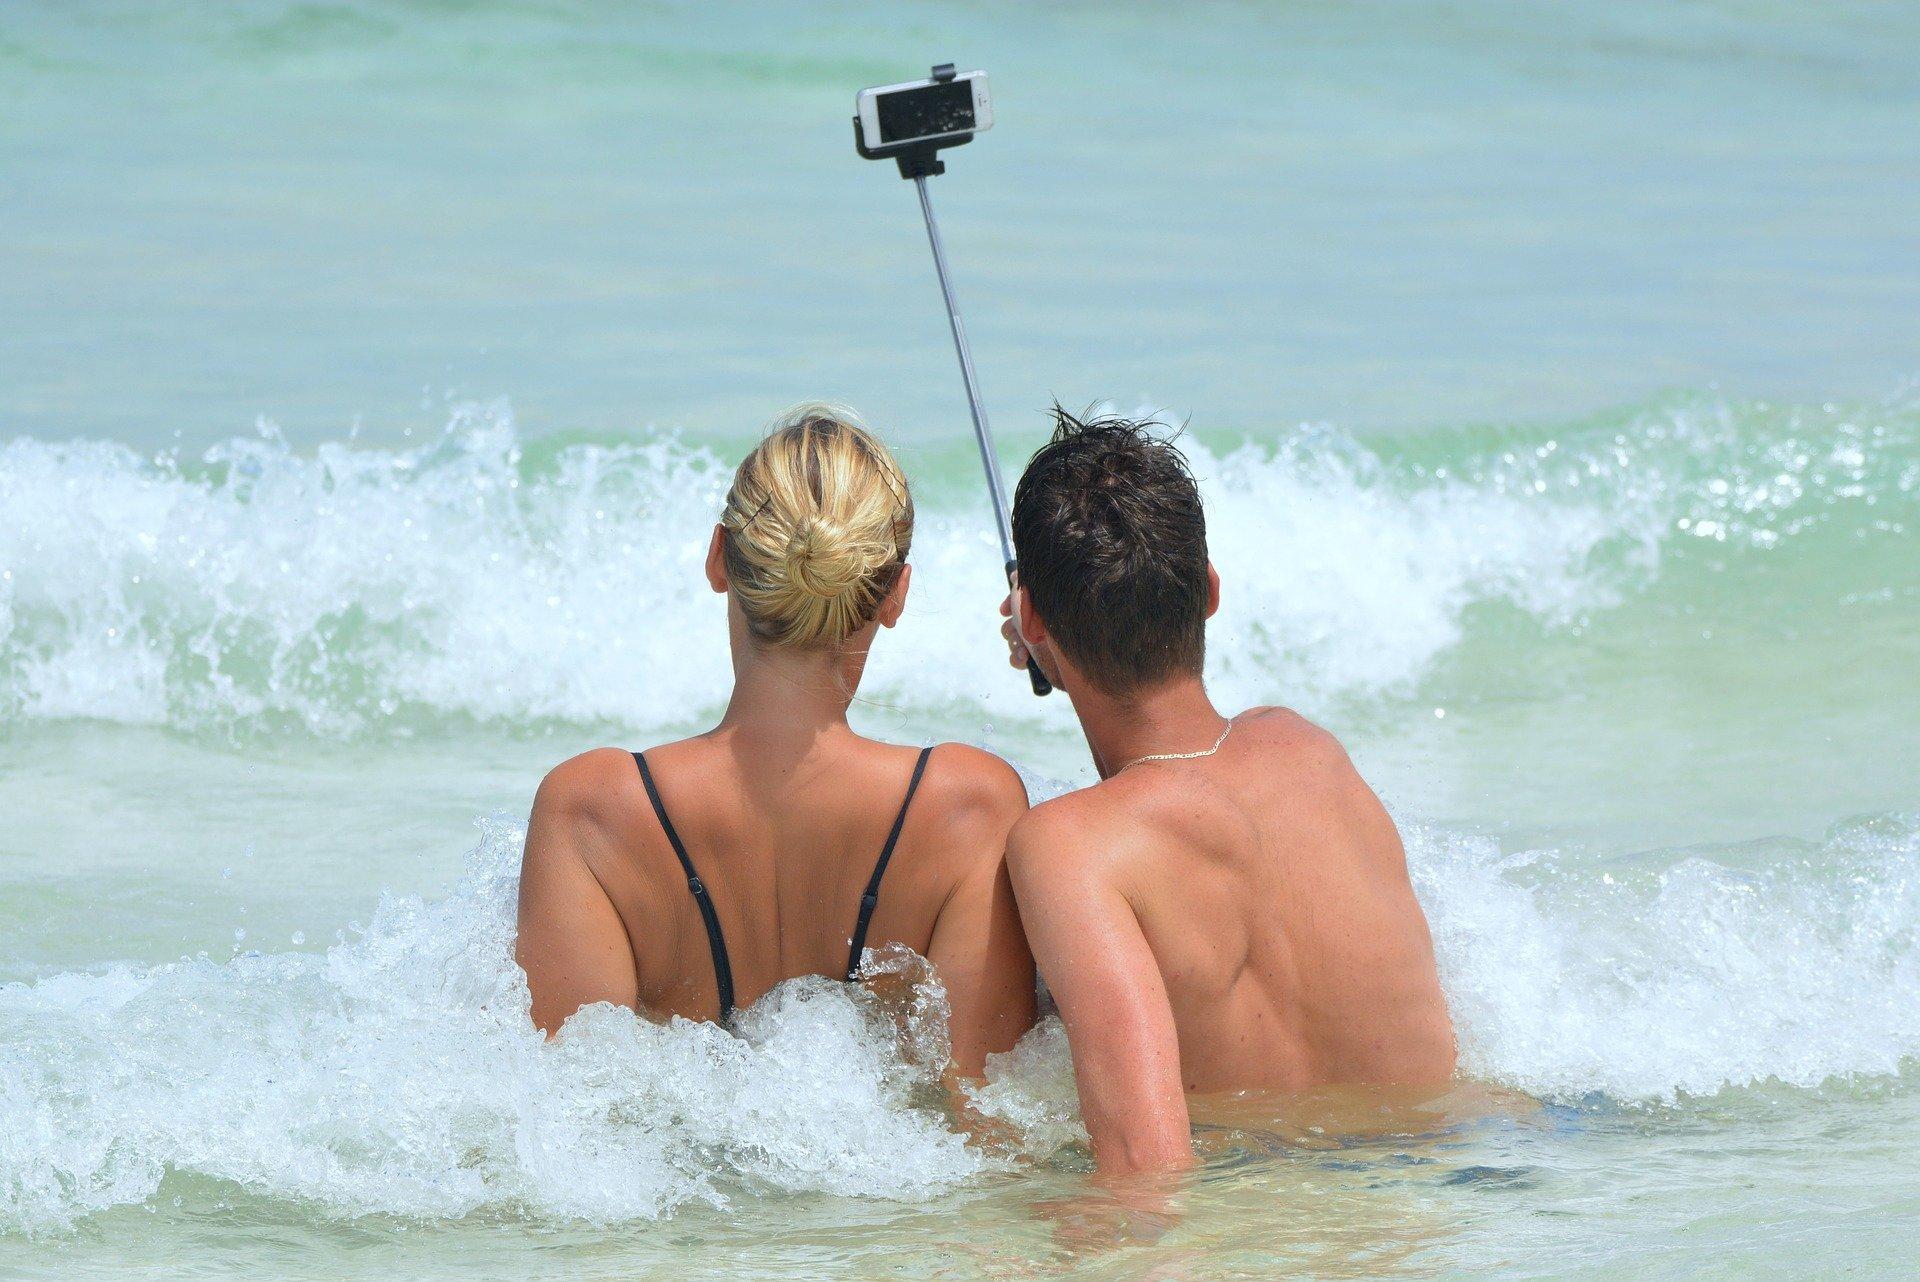 Lidé v moři pořizují selfie